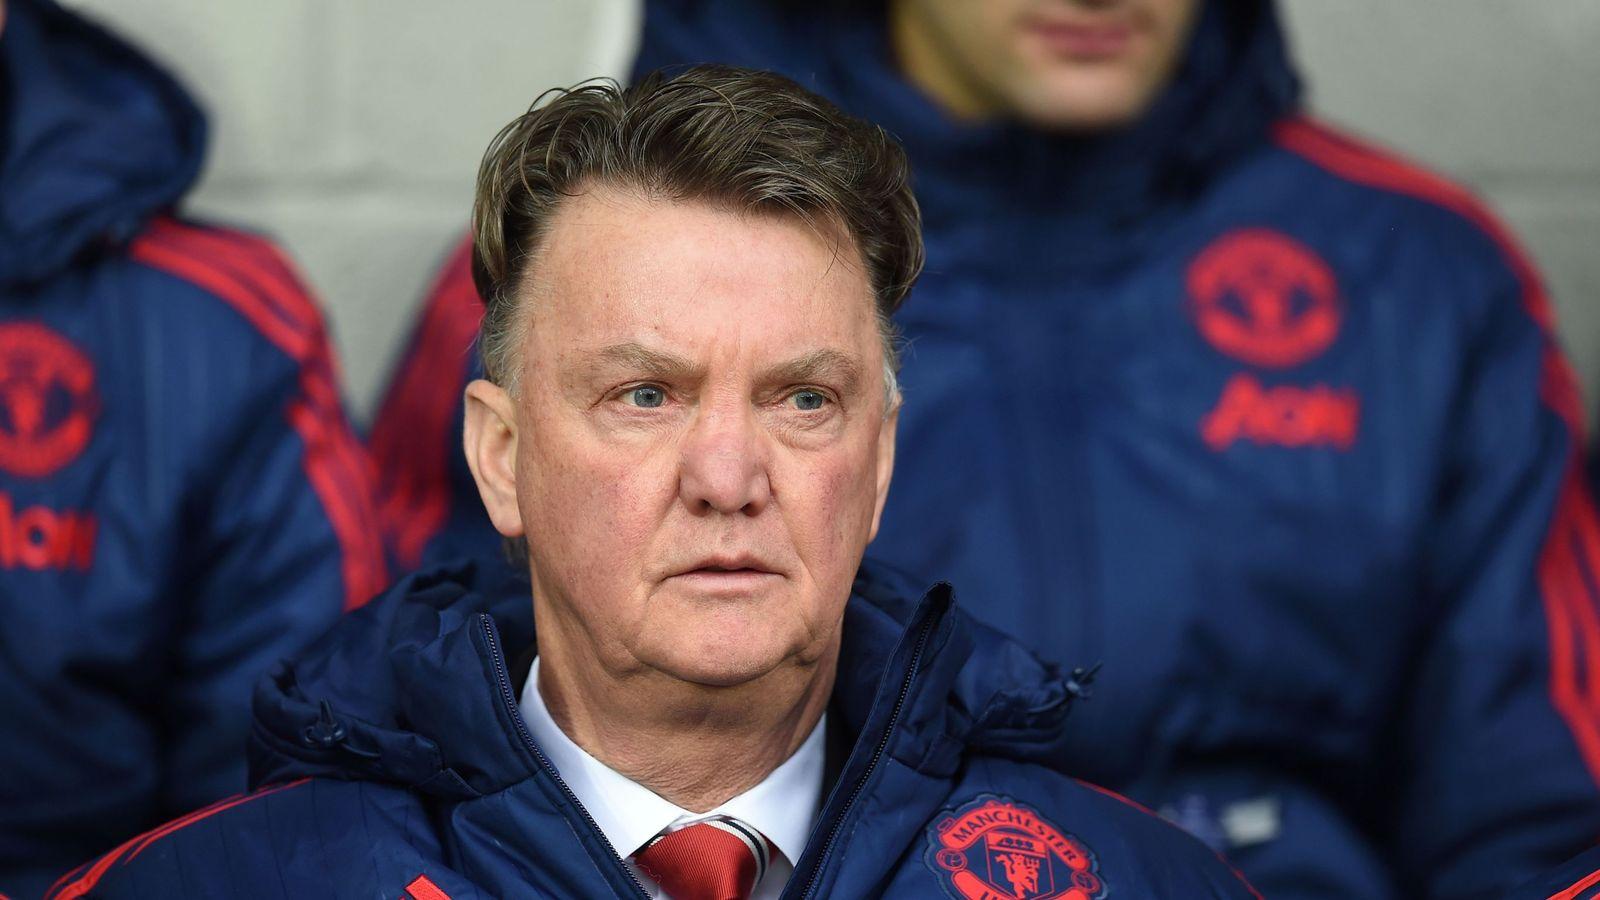 Louis Van Gaal Failure 'would Harm Manchester United's